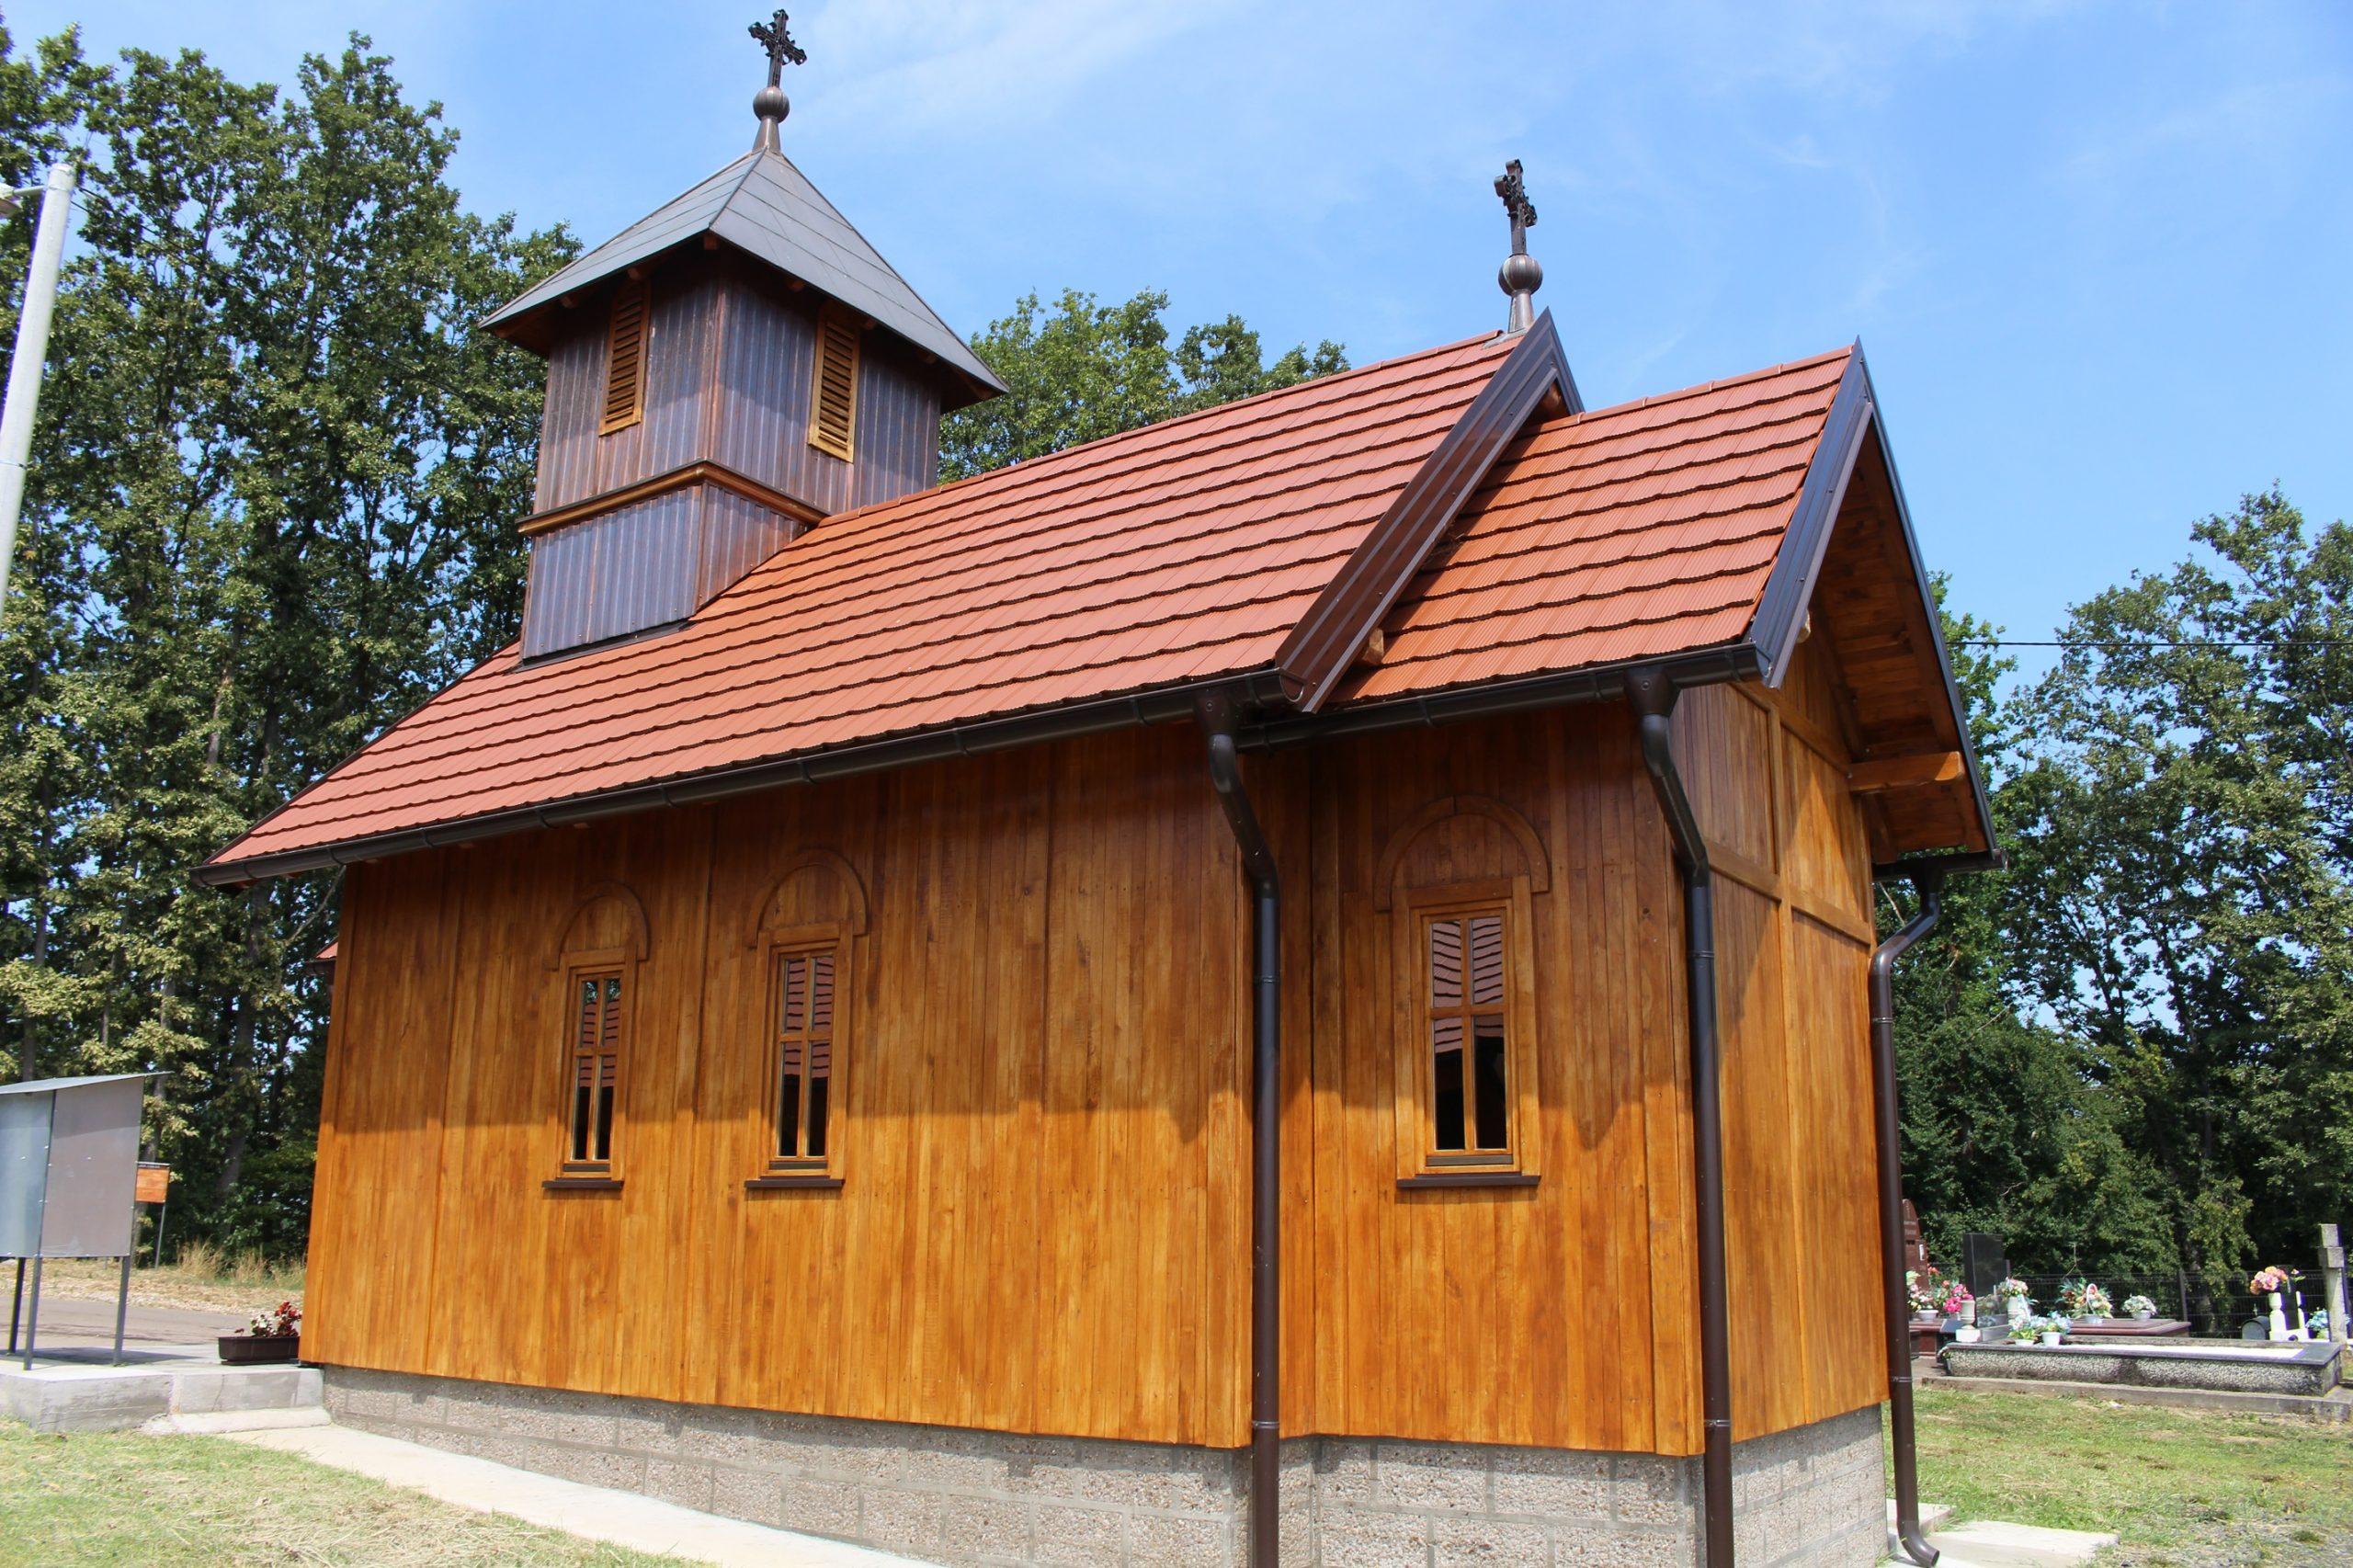 Sagradio crkvu od hrastovine i oživio drevnu legendu